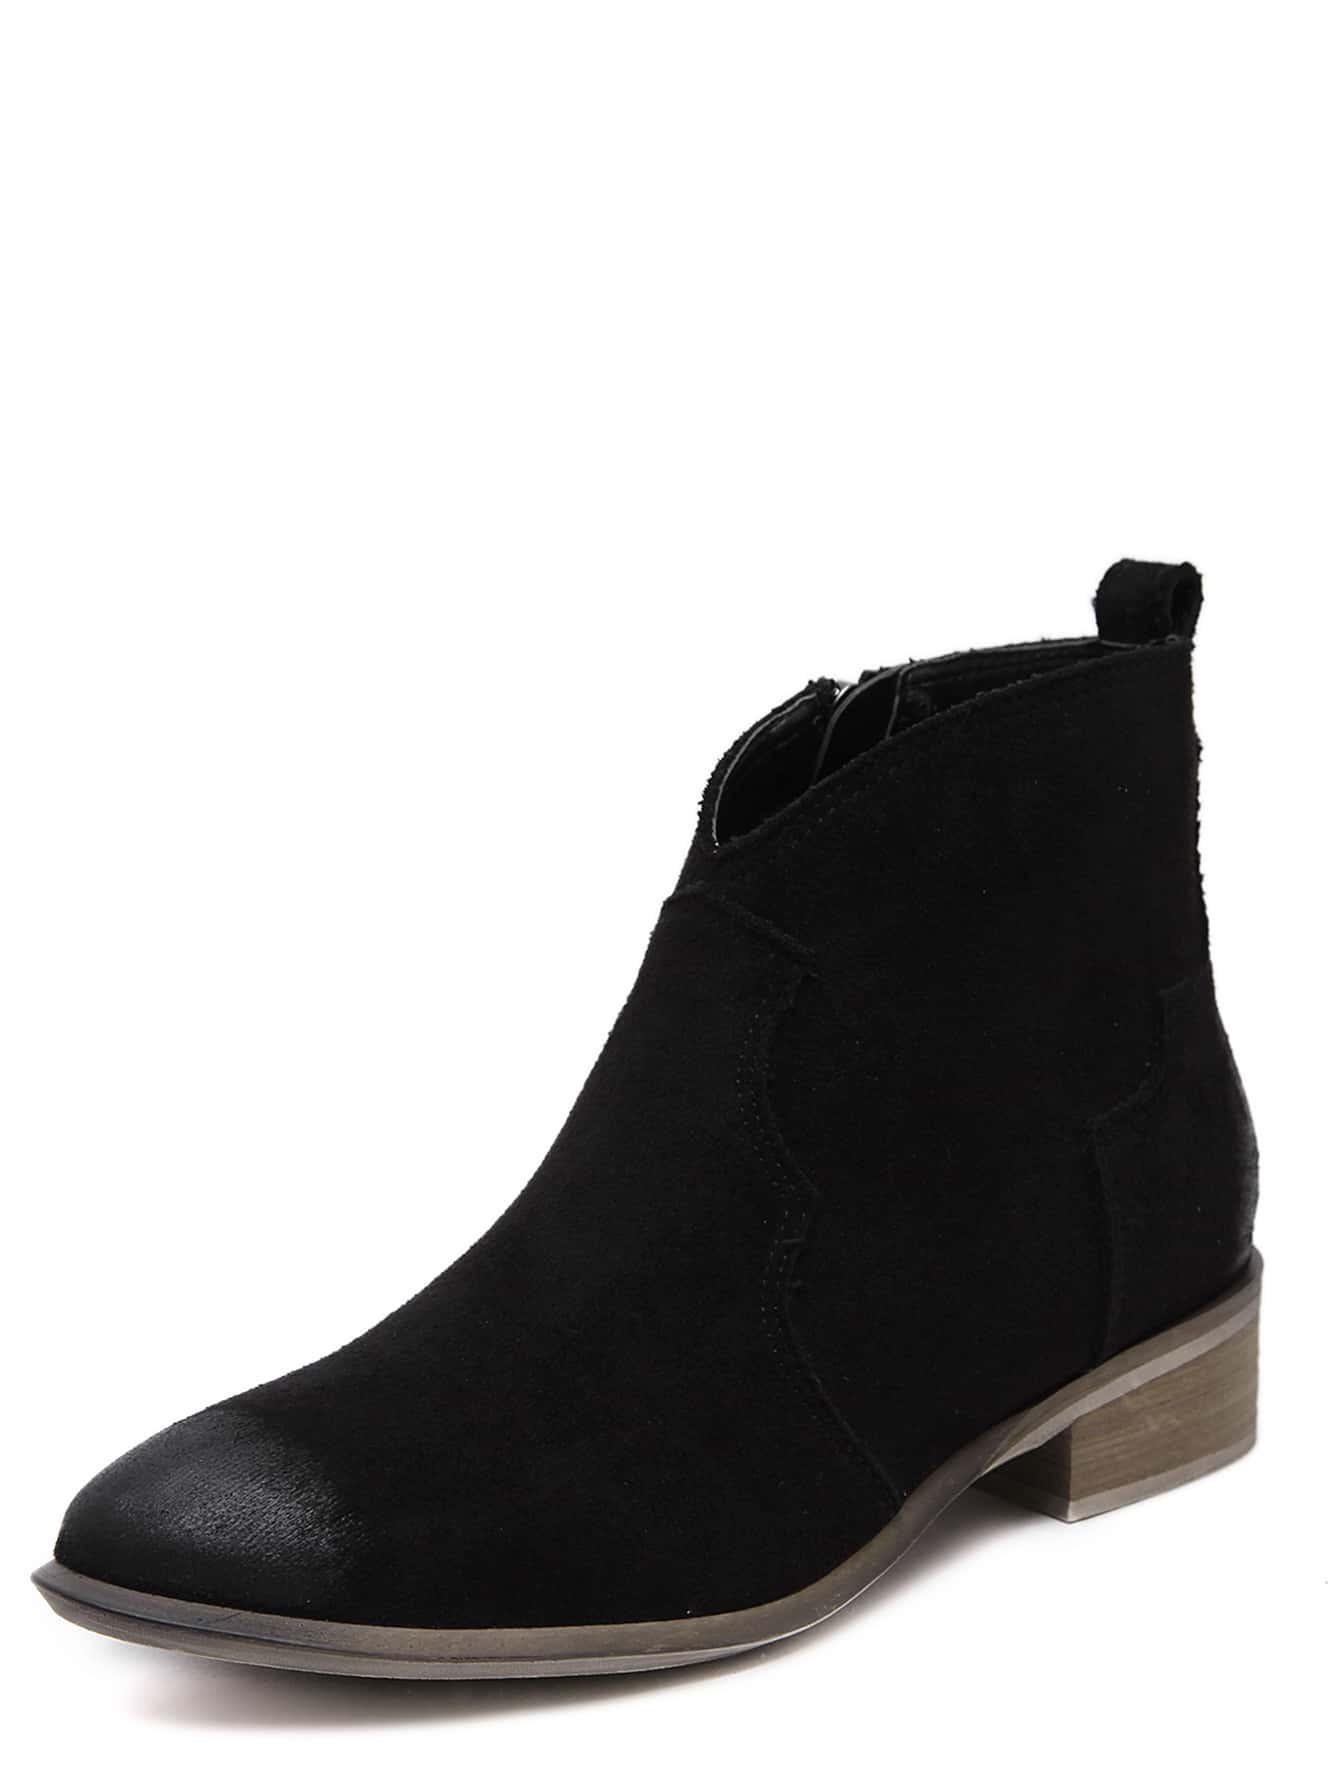 shoes161004811_2